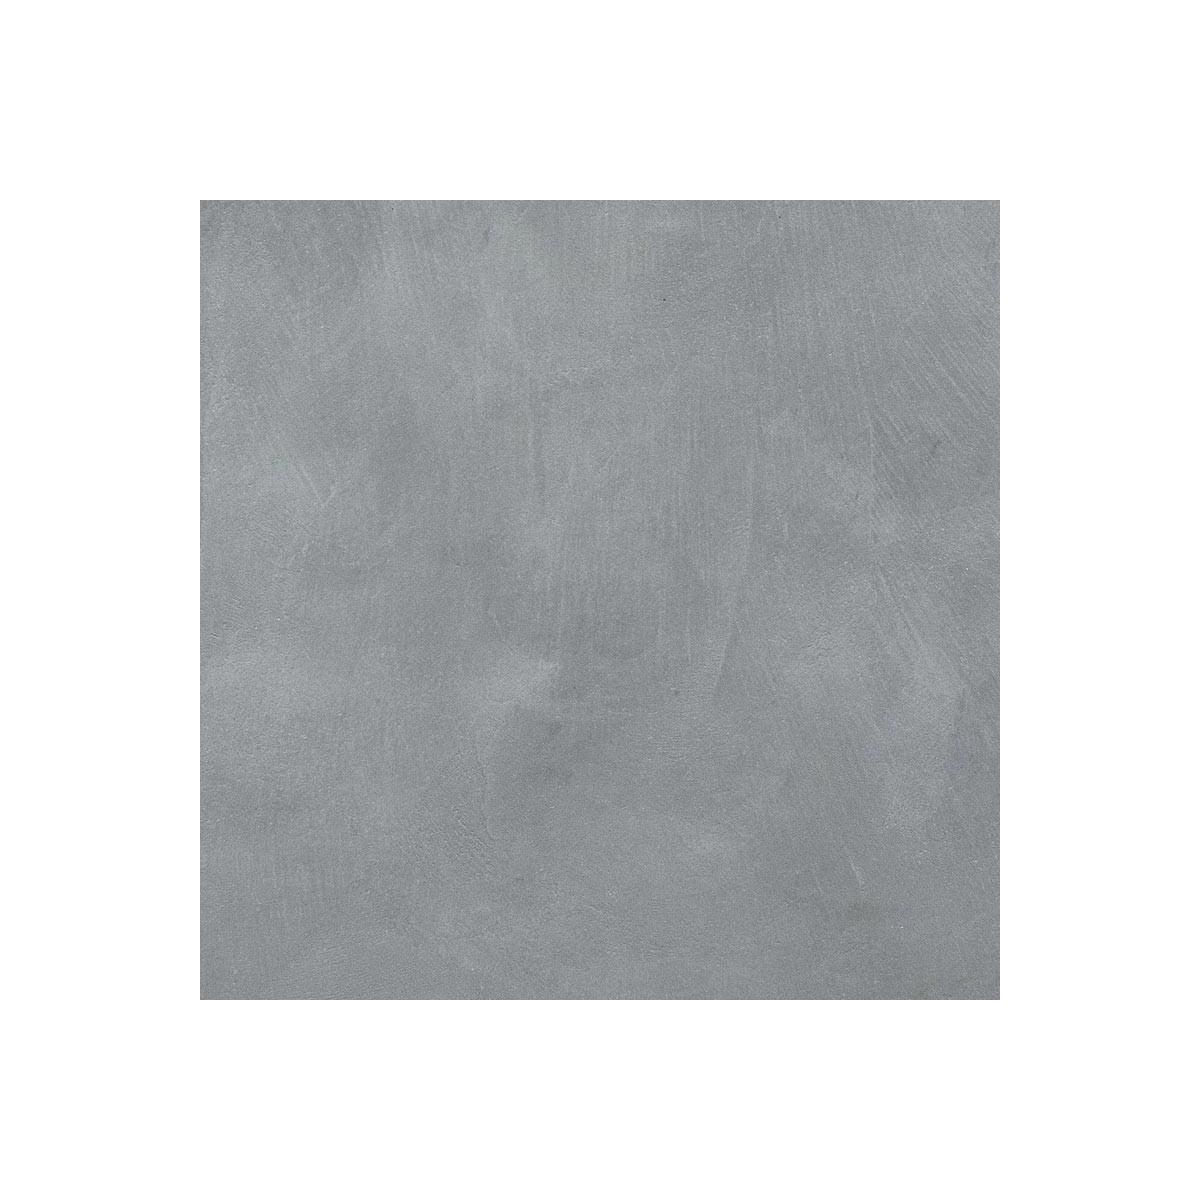 Beton cire exterieur pour sol mur terrasse escalier enduit for Peinture sol exterieur etanche